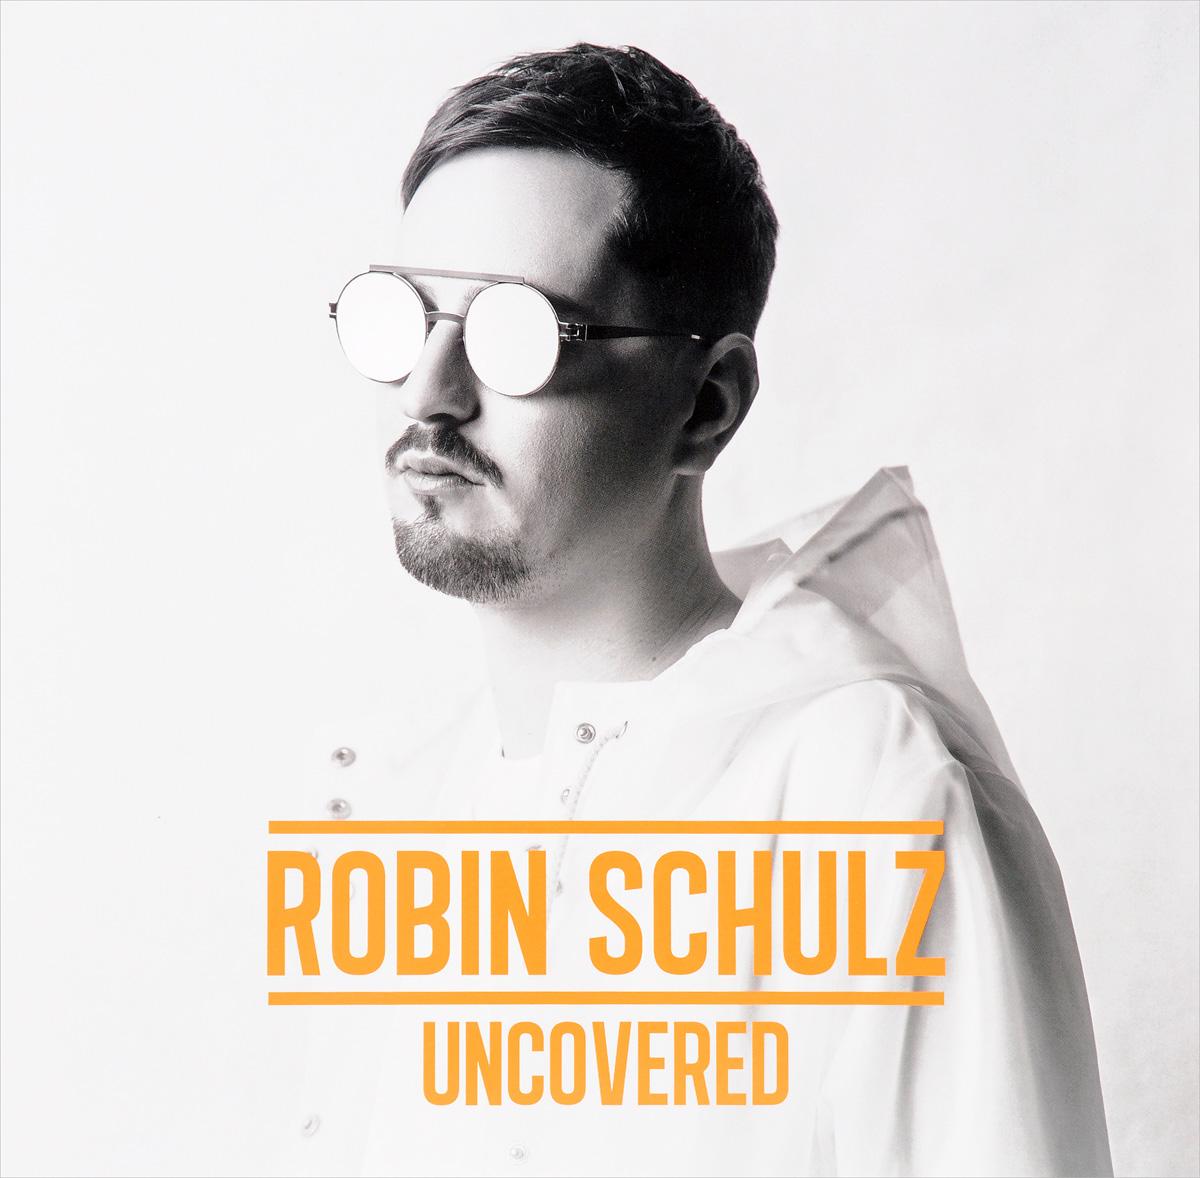 Робин Шульц Robin Schulz. Uncovered (2 LP) robin schulz robin schulz uncovered 2 lp